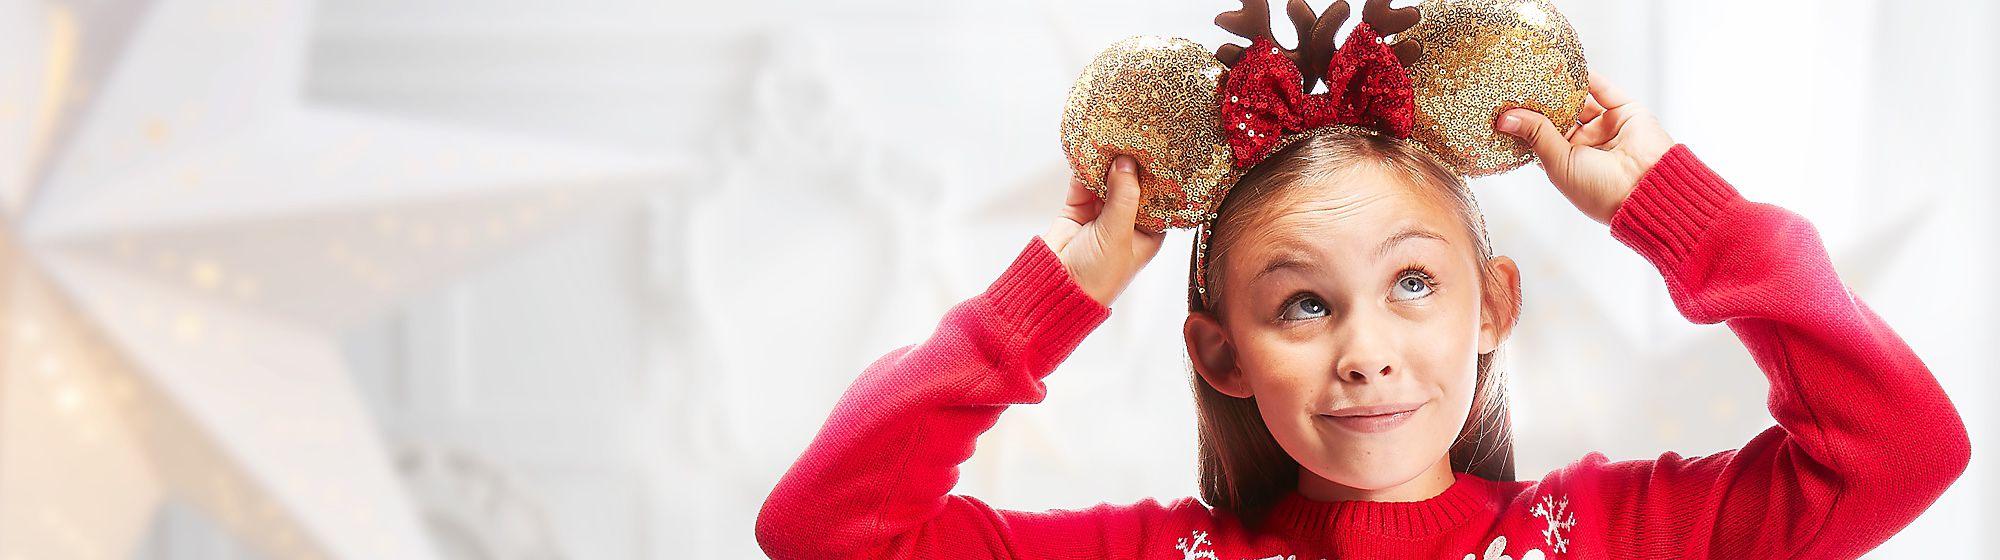 Sacs et Accessoires Les sacs et accessoires, dont des chapeaux, sacs et bijoux à l'image de leurs héros, complètent la tenue de vos enfants !